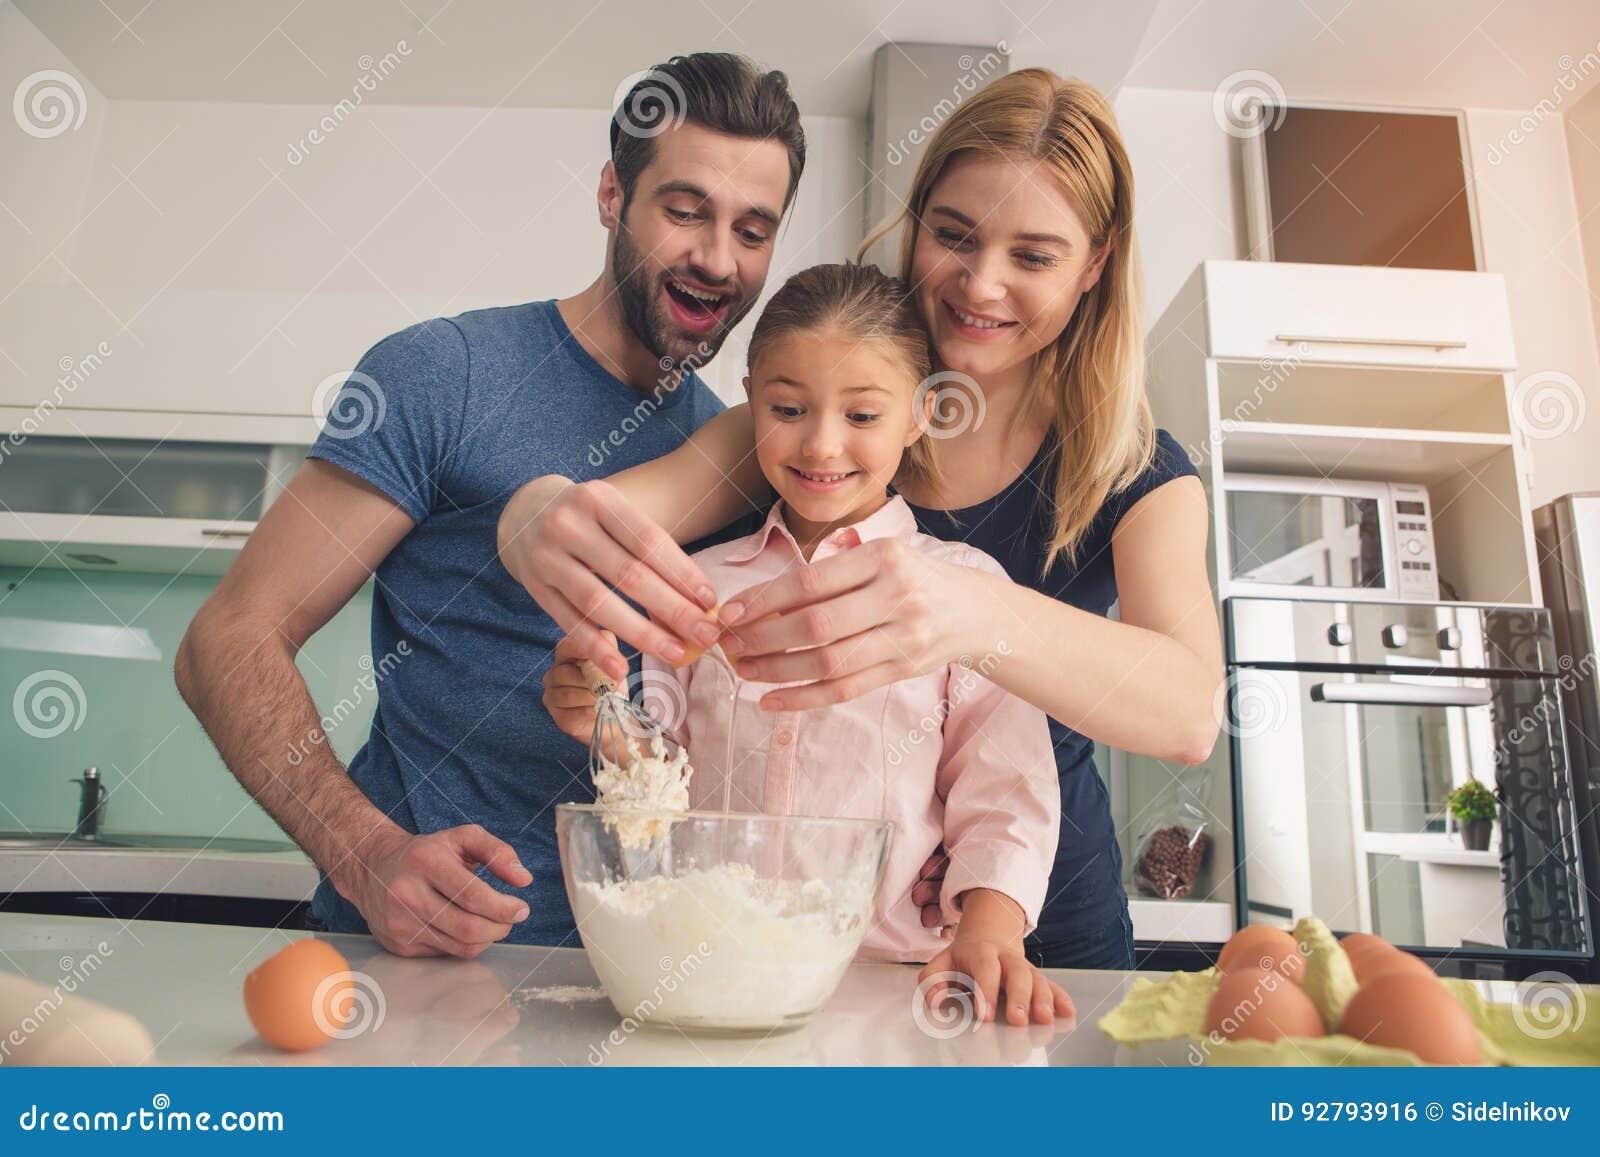 Junge glückliche Familie, die den zusammen mischenden Teig kocht